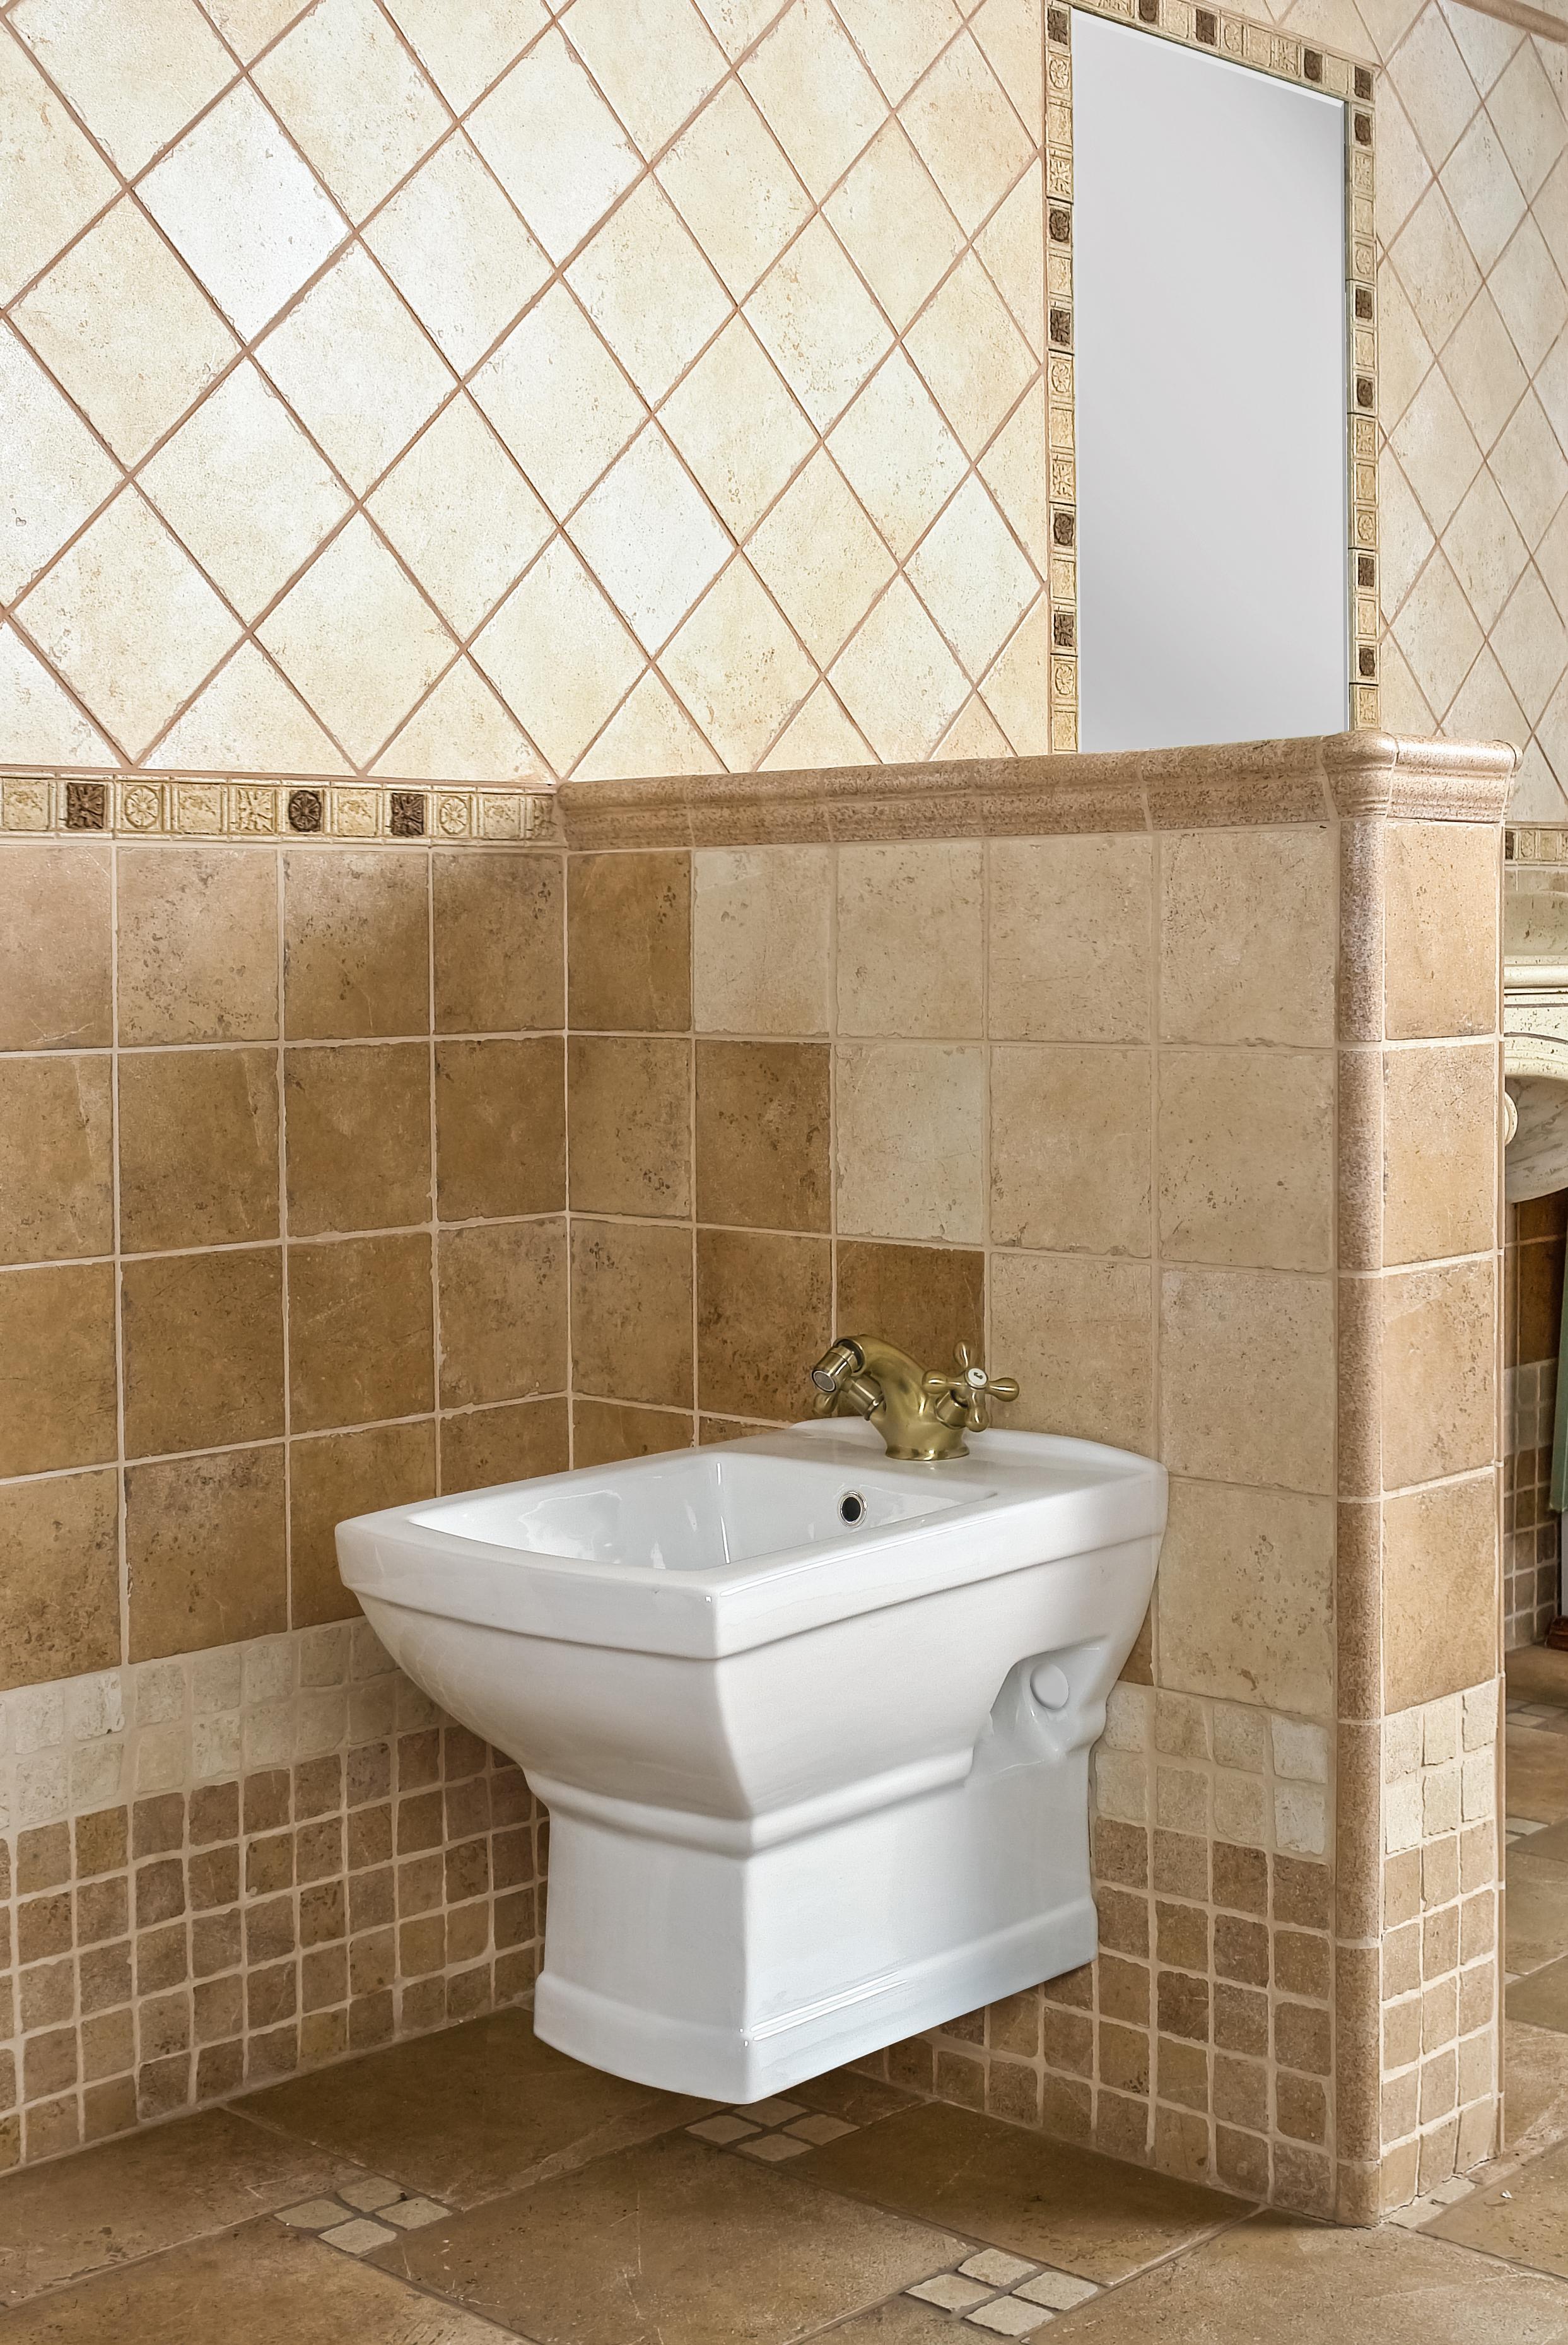 nostalgie retro wc bidet h ngebidet wandbidet wandh ngend. Black Bedroom Furniture Sets. Home Design Ideas